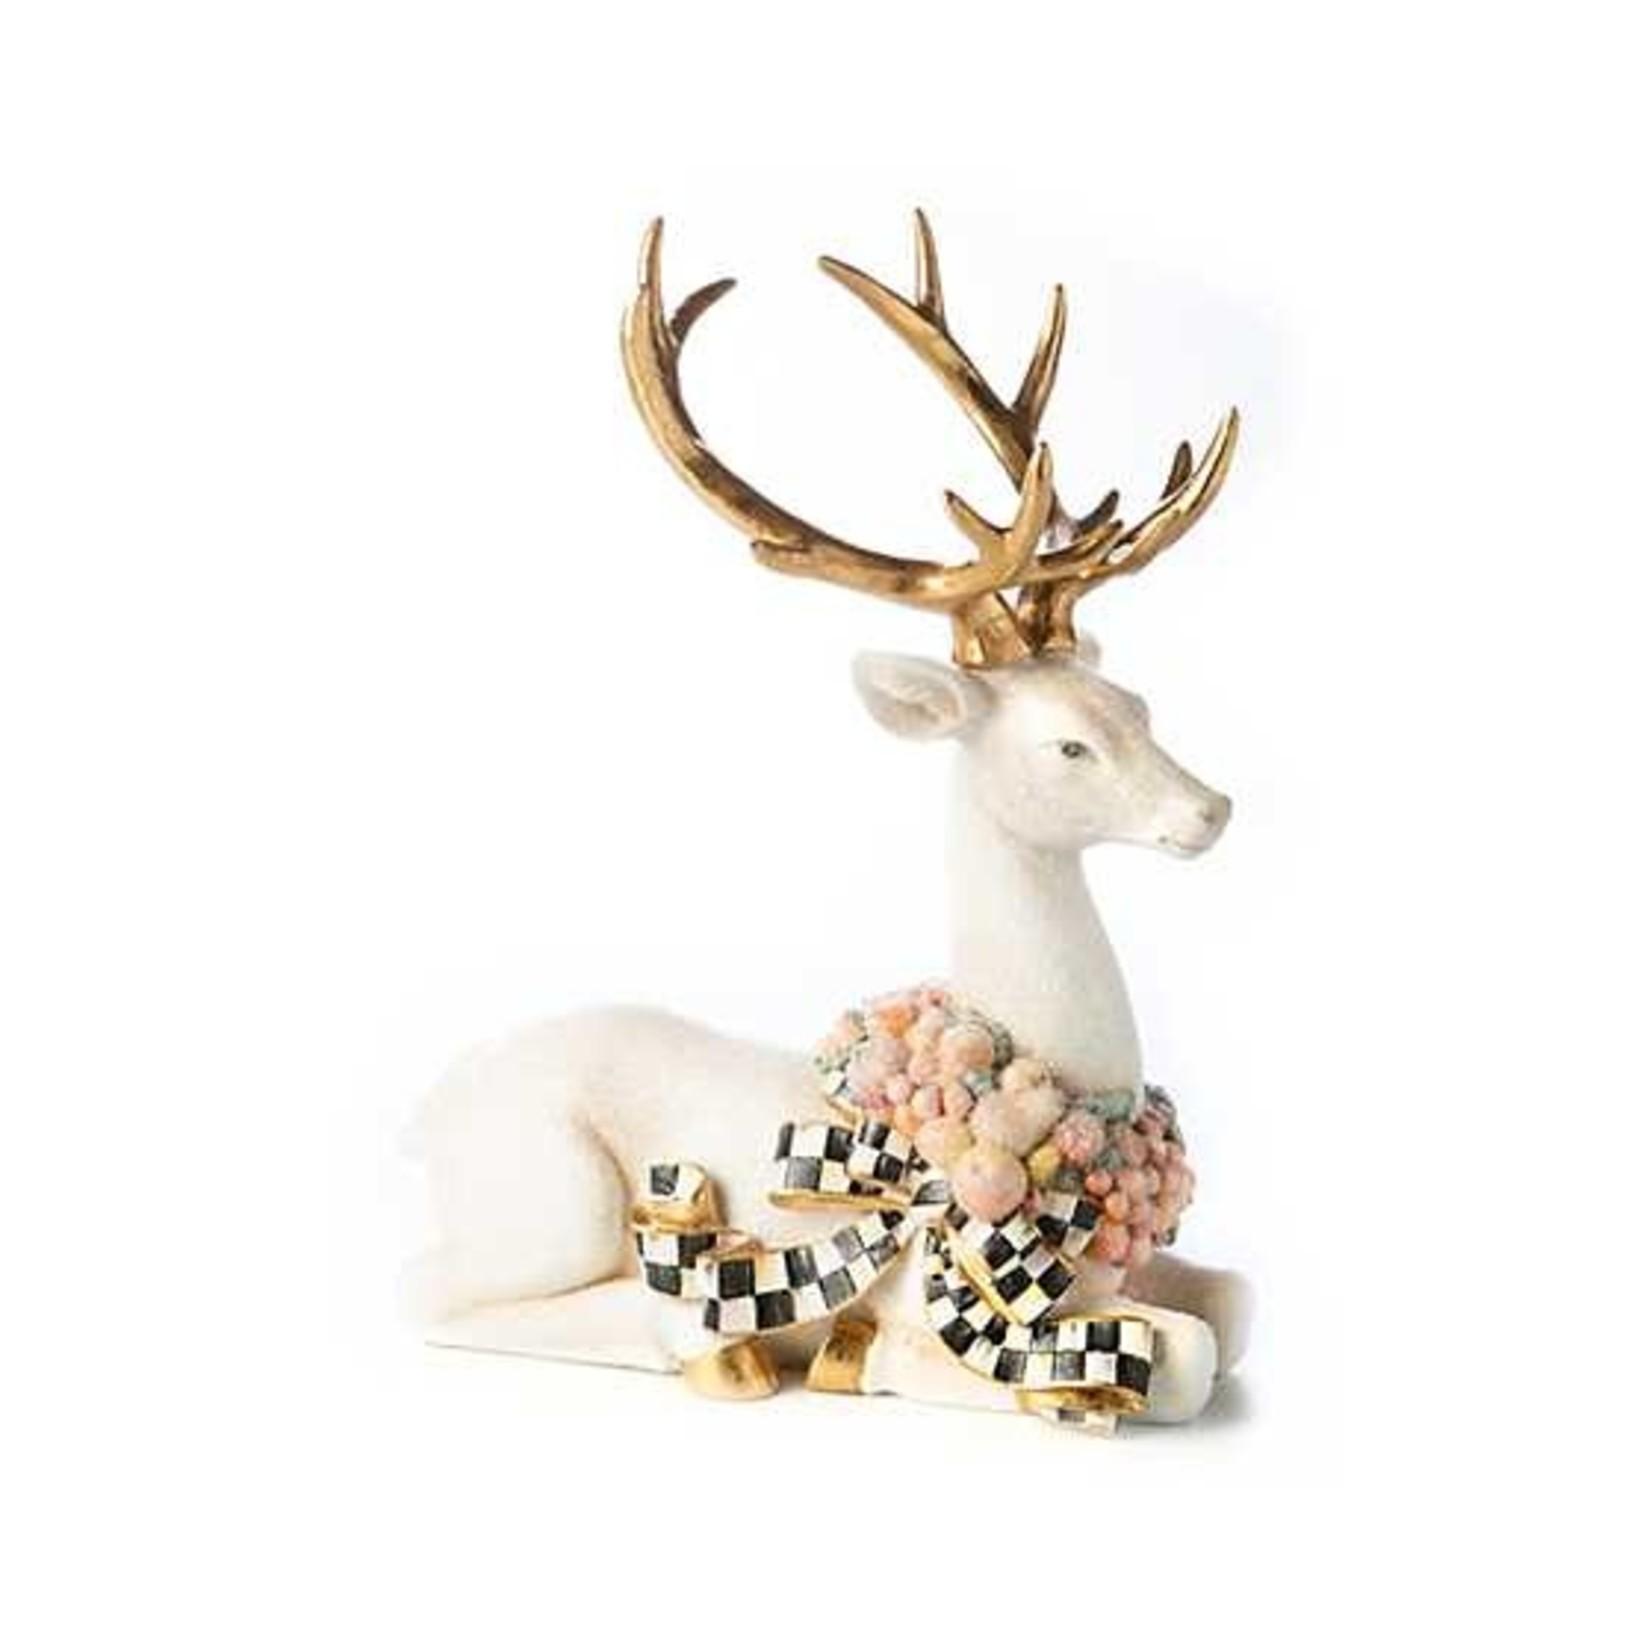 MacKenzie Childs Della Robbia Sugared Deer - Sitting